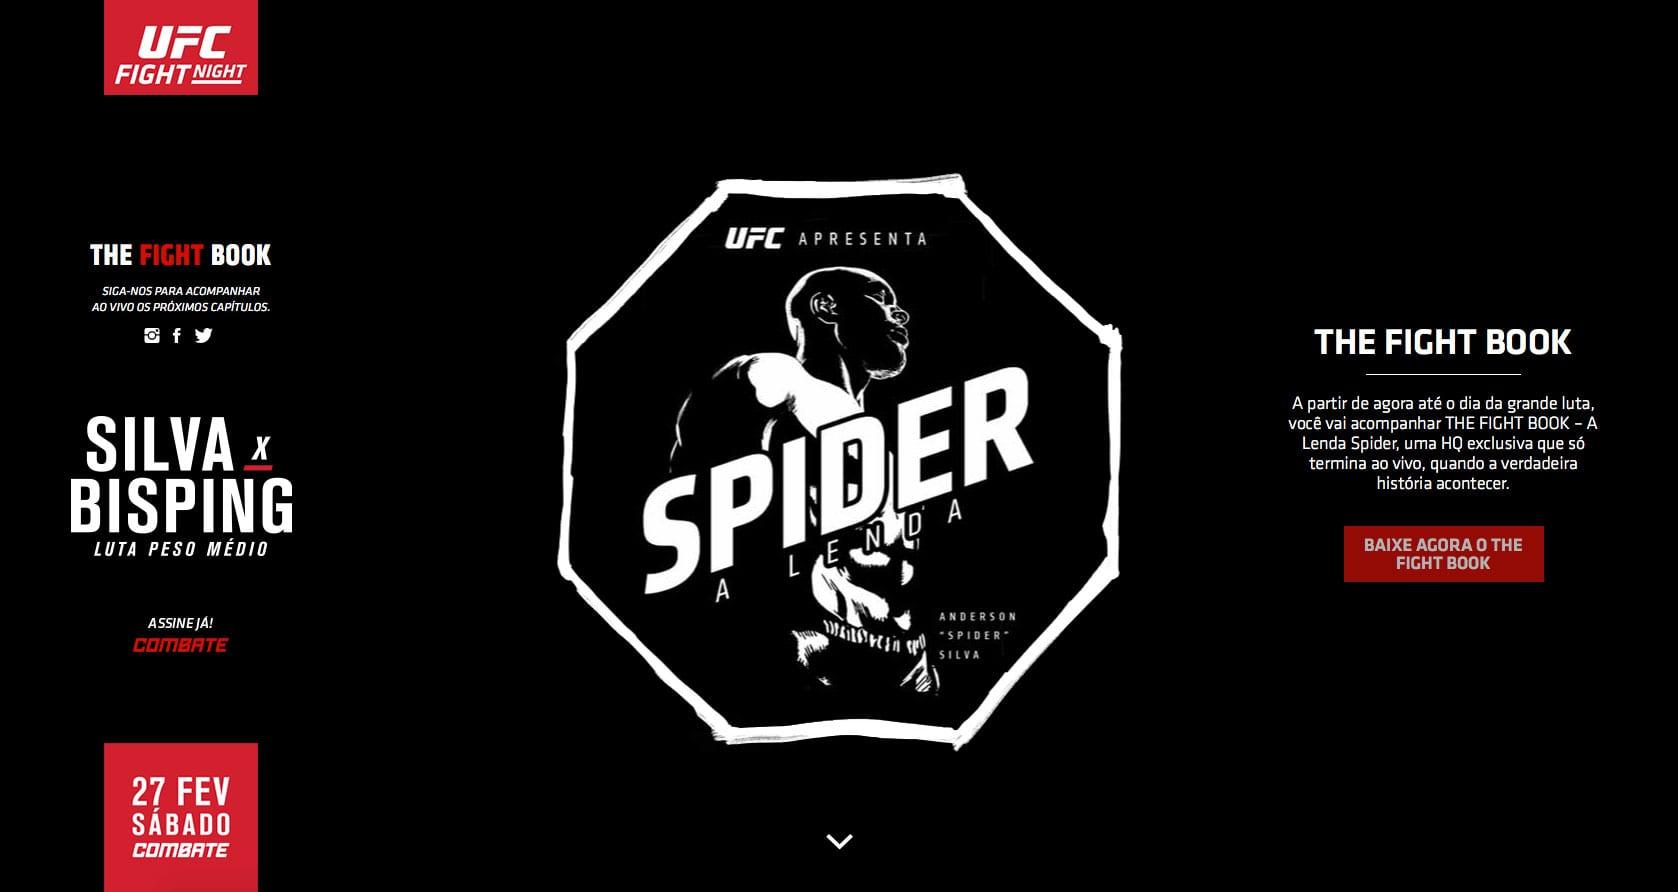 fightbook_spider_2